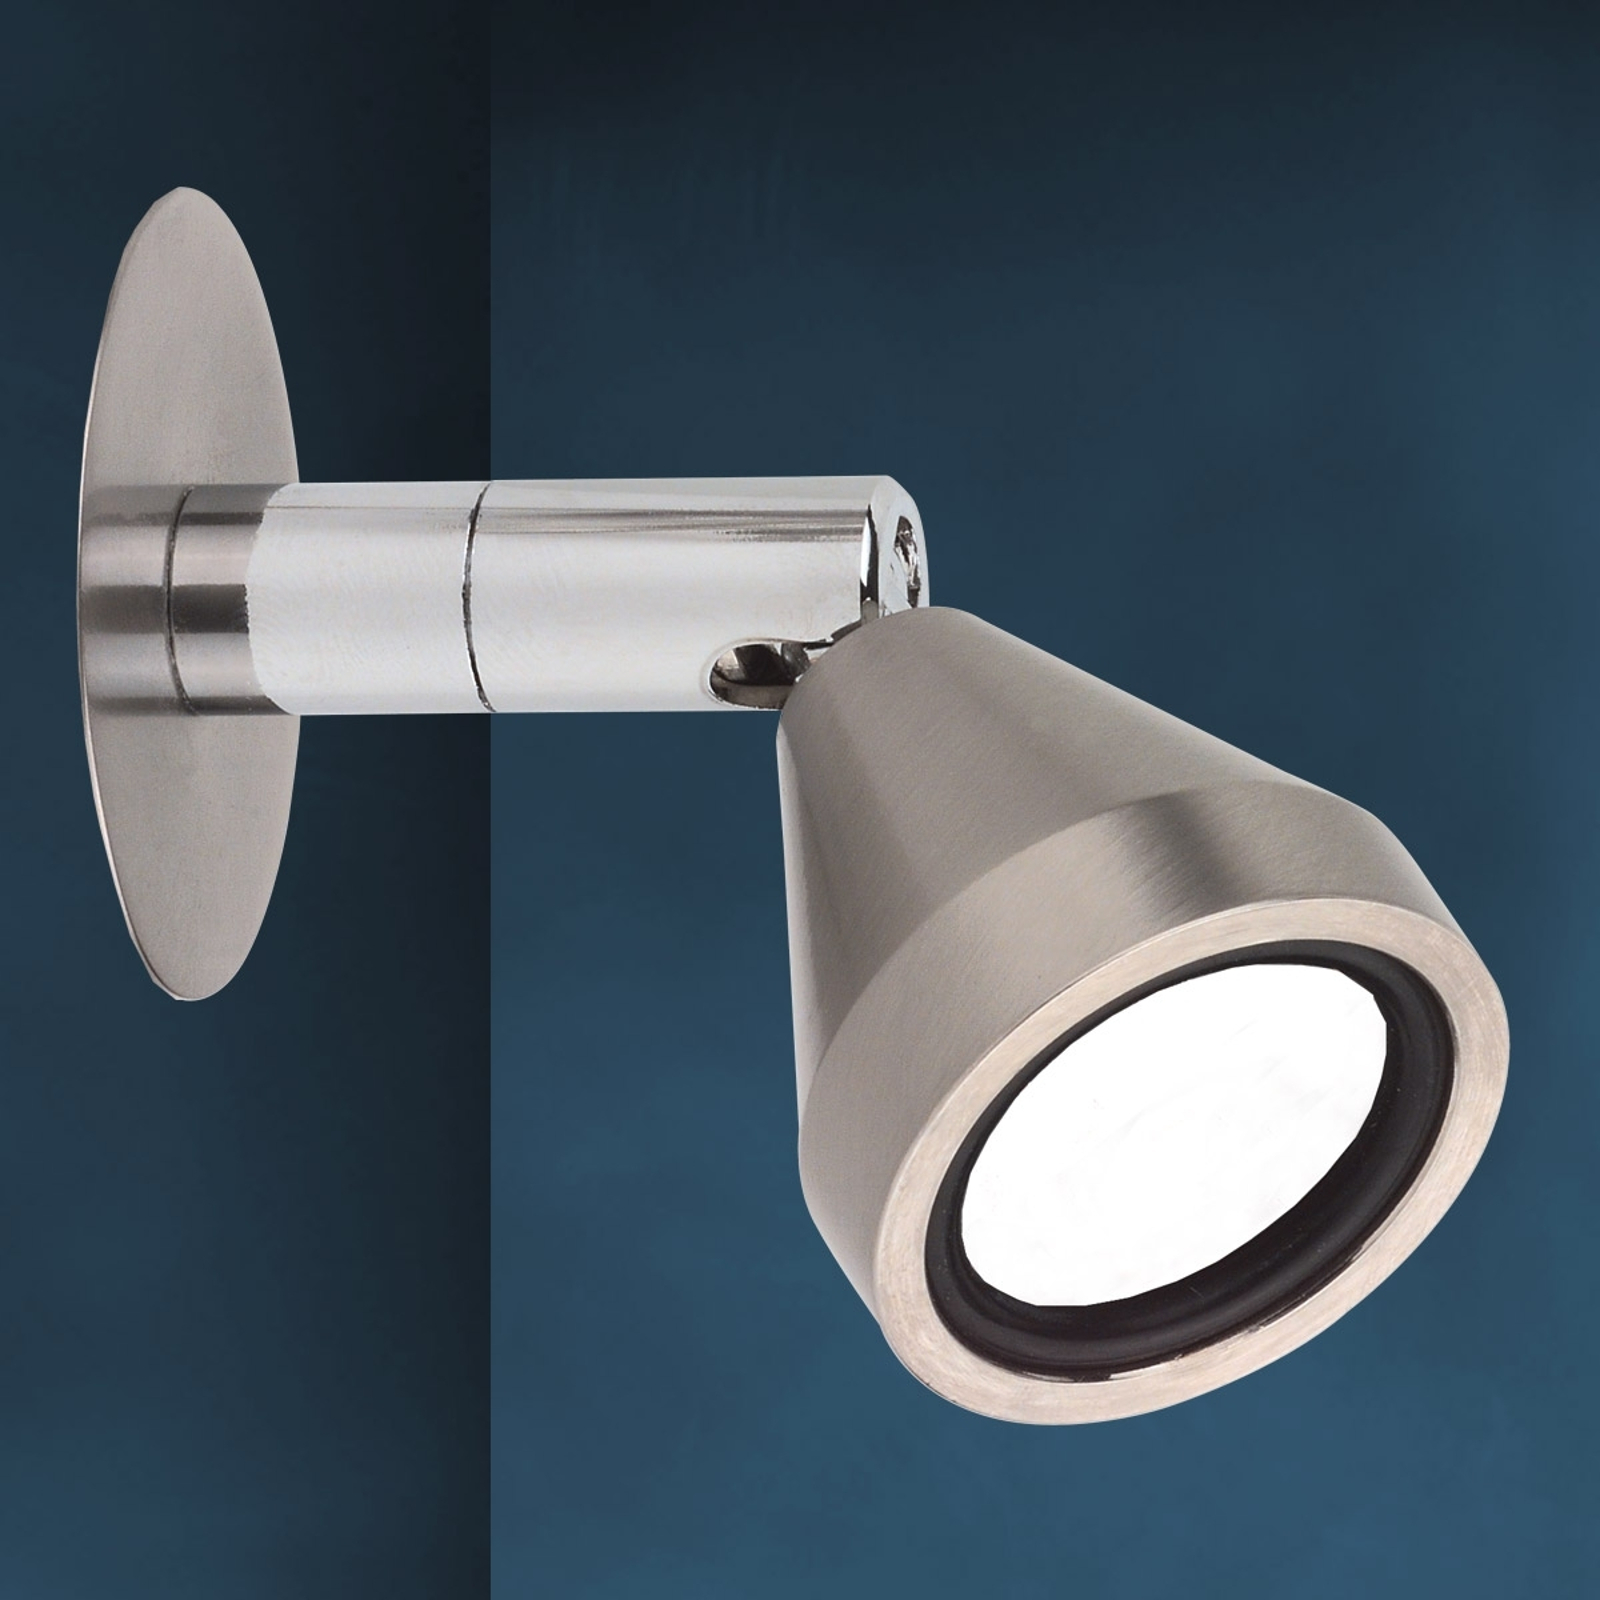 Malé polozapustené LED svetlo MINI_1524045_1